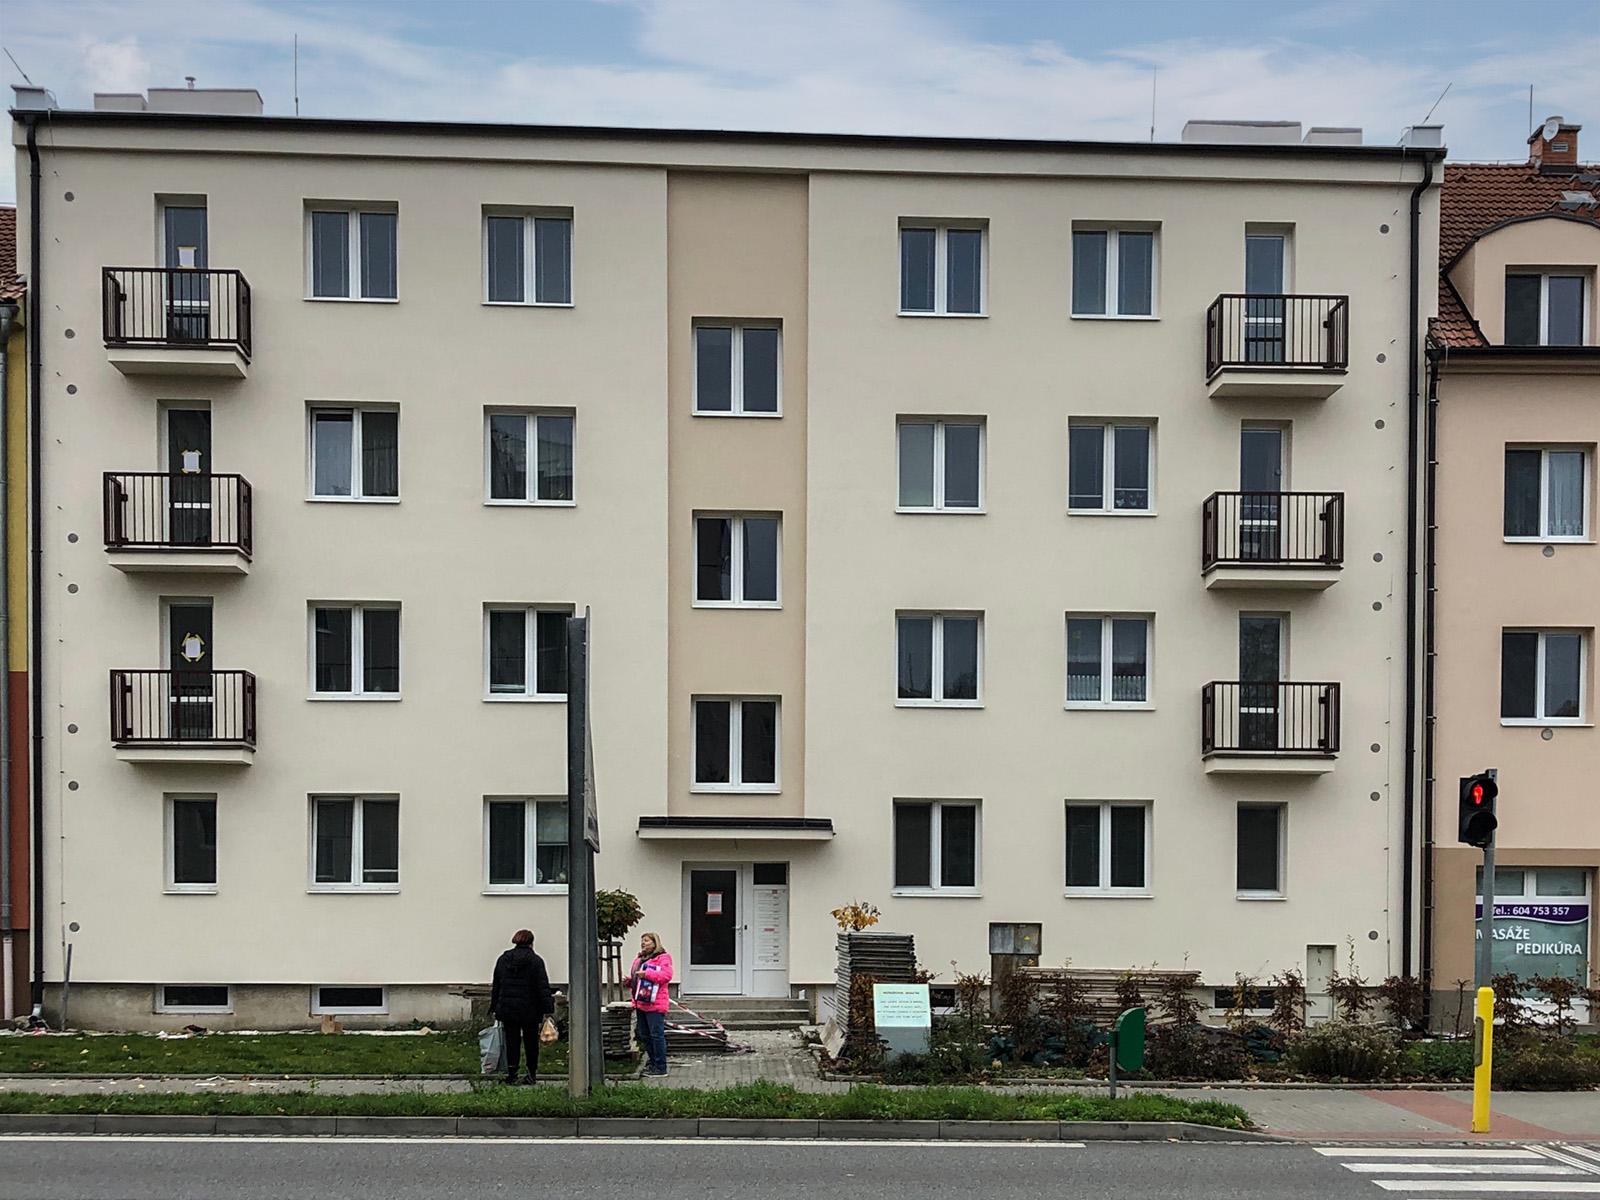 Nerudova 36, Kyjov